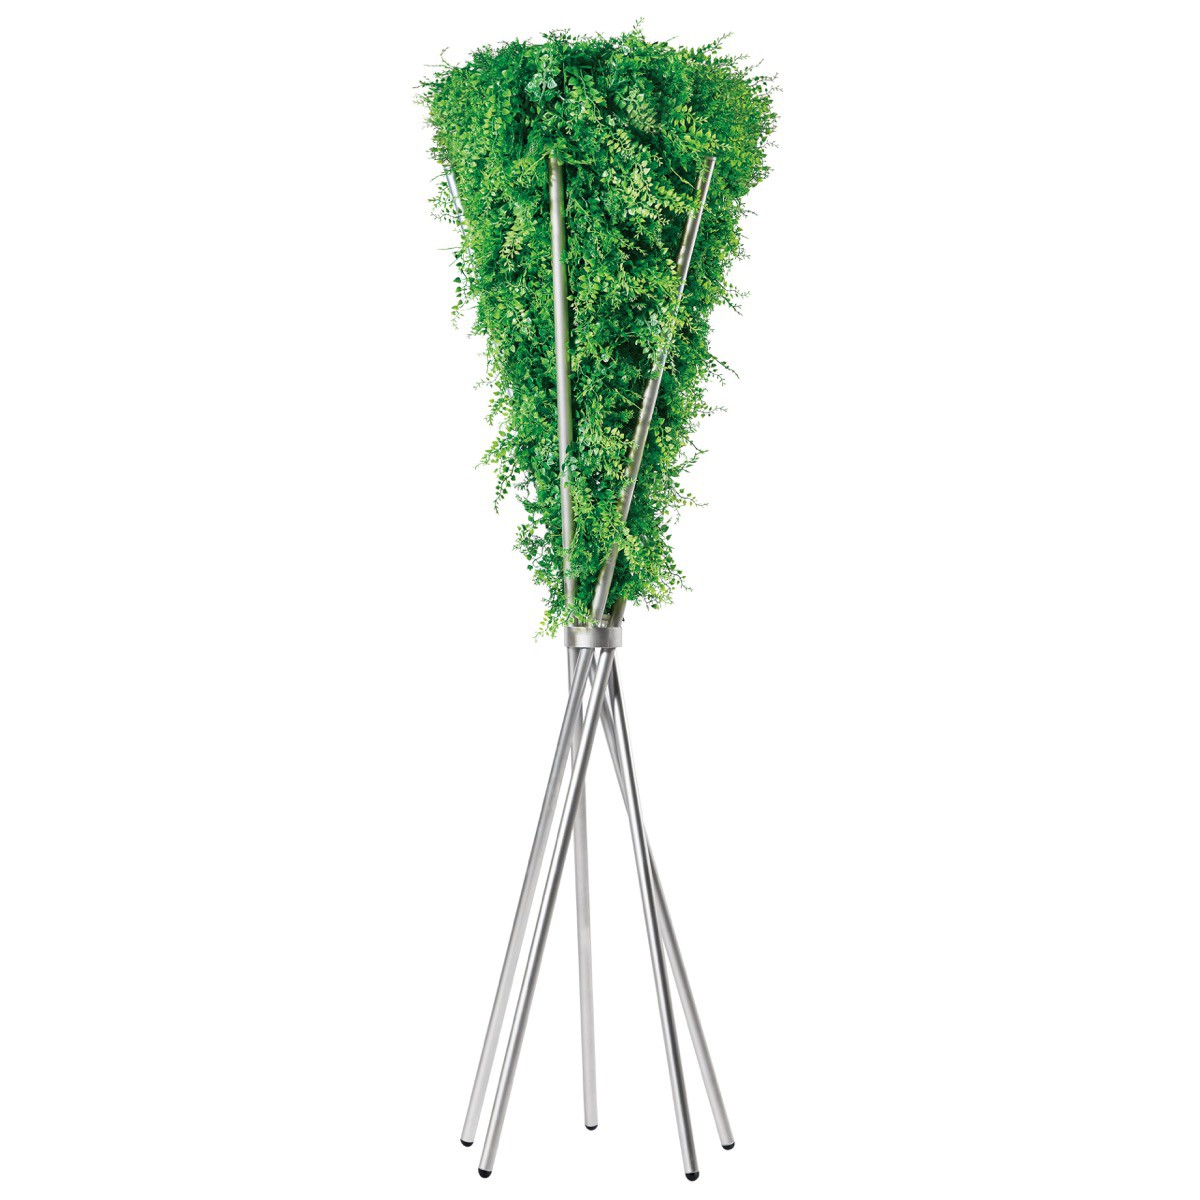 人工観葉植物 フェイクグリーン 観葉植物 造花 大型 松明 たいまつ パーティション1500 組立式 衝立 間仕切 パーテーション インテリア おしゃれ フェイク グリーン